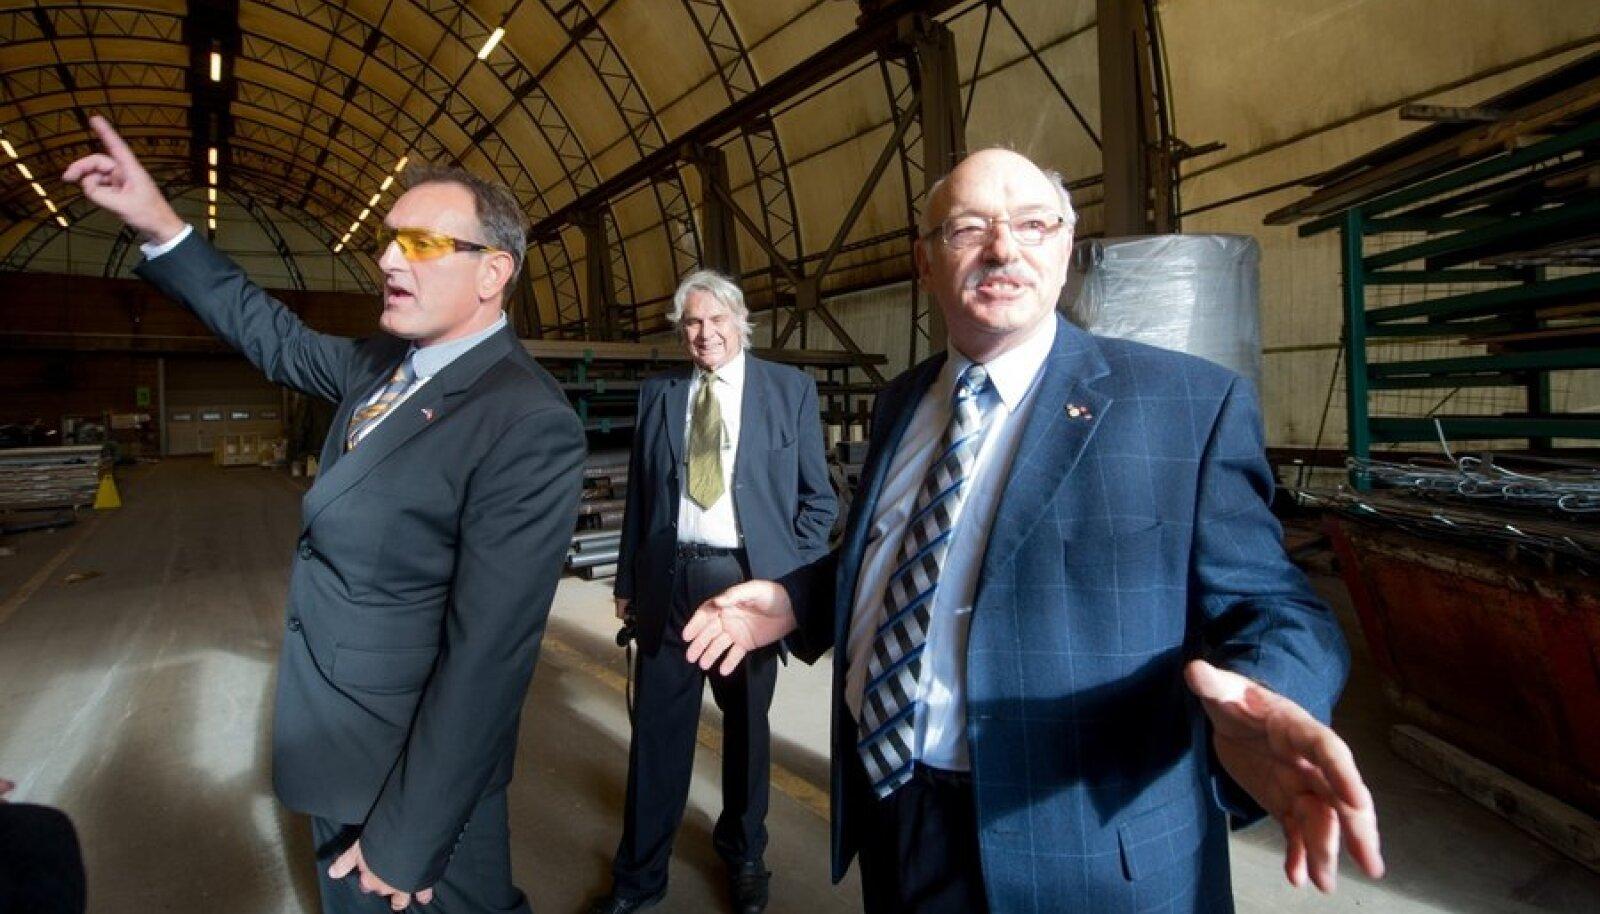 Daetwyler Eesti juht Robert Becsy (vasakul), Šveitsi–Baltikumi kaubanduskoja juht Jürg Würtenberg ja Daetwyleri omanik Peter Daetwyler vanas tehasehoones, mille asemele kerkib uus tootmisüksus.